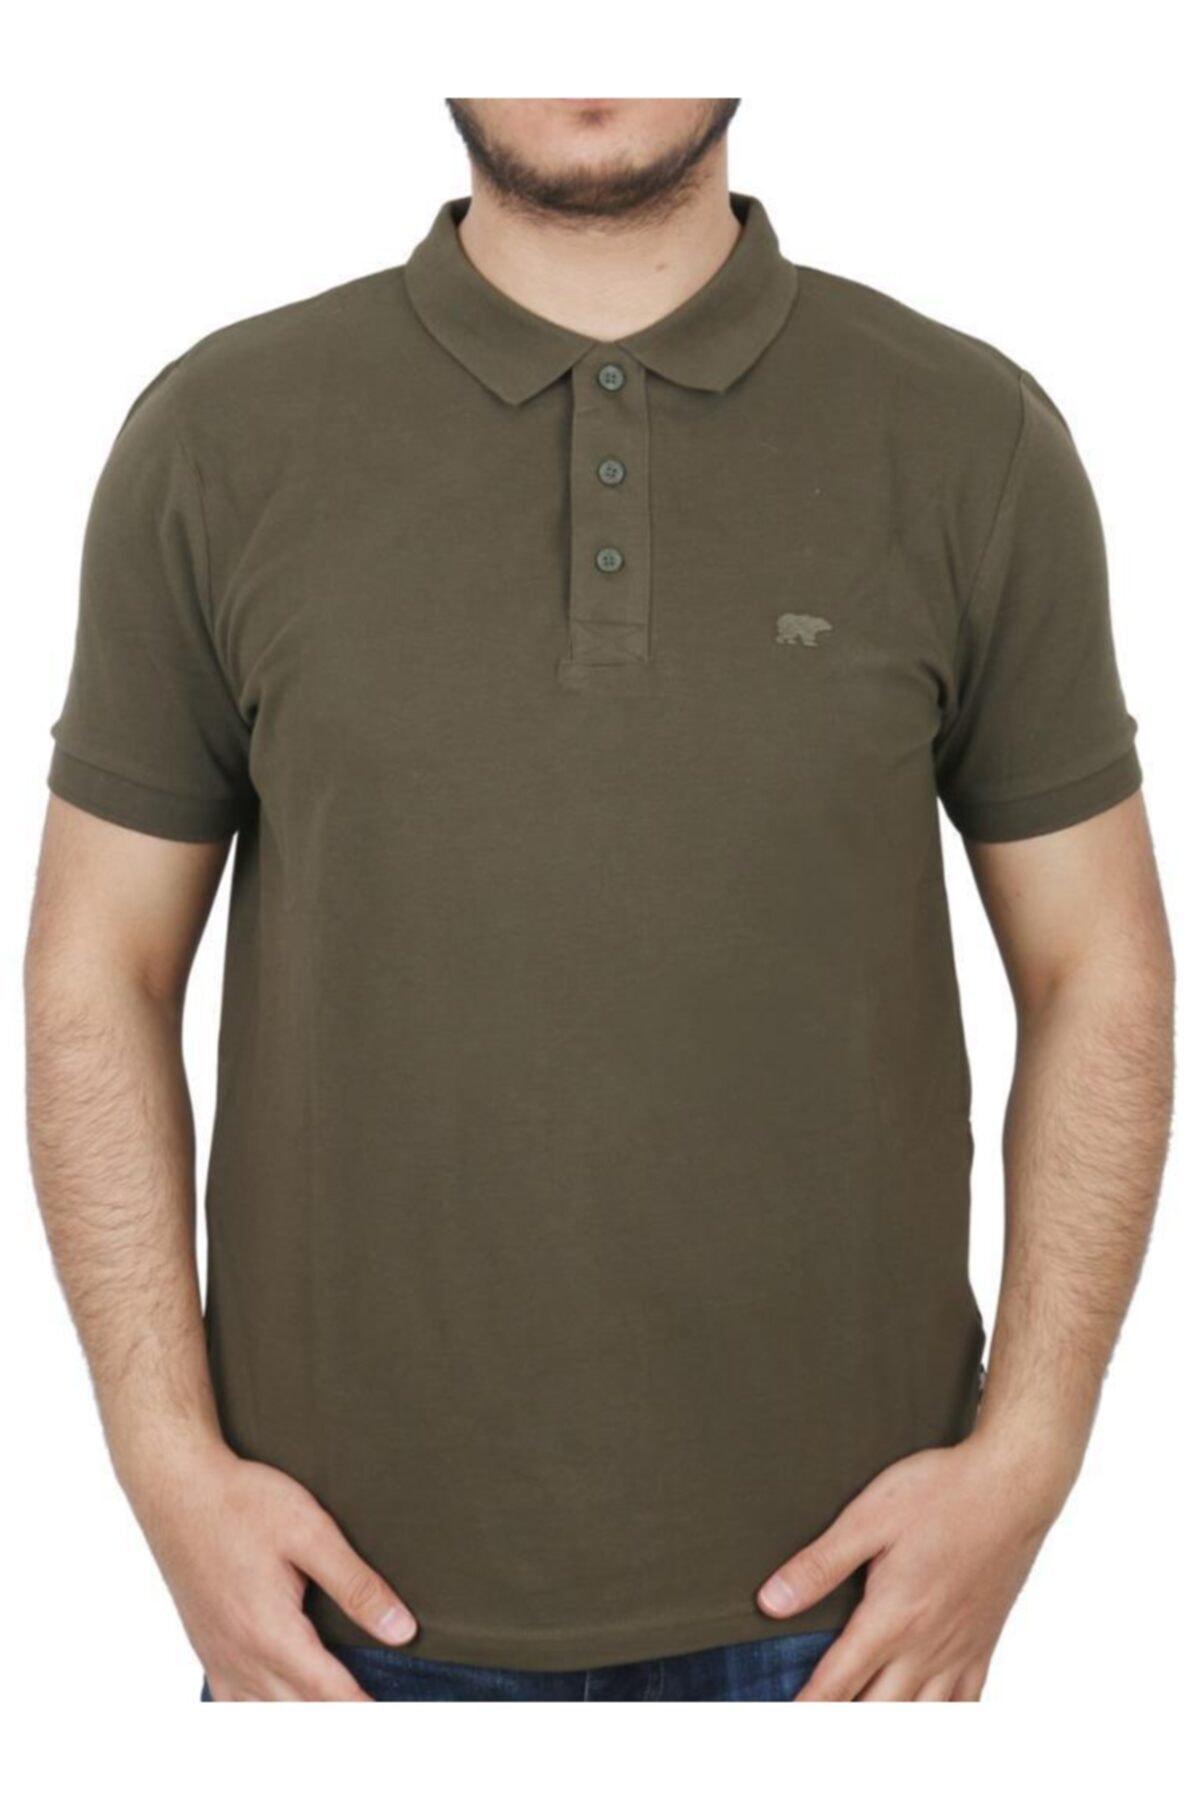 Bad Bear Erkek Polo Yaka T Shirt 21.01.07.051 1